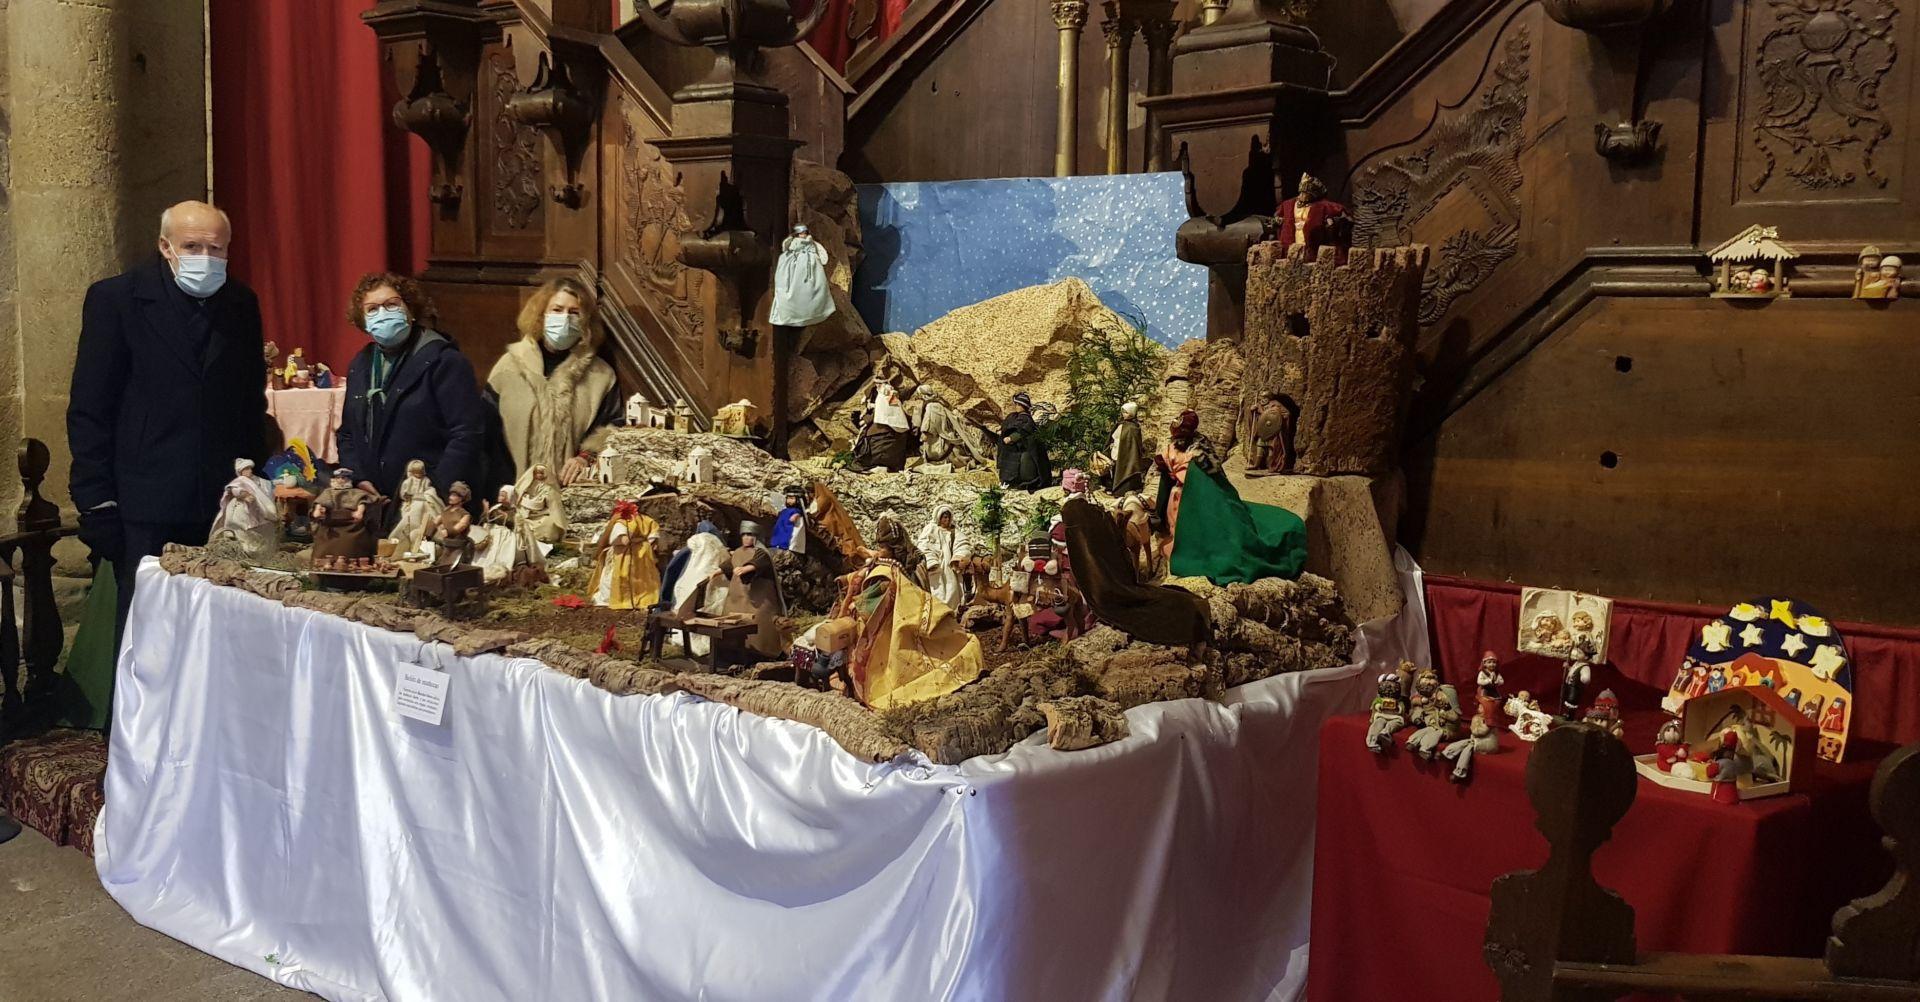 """Exposición """"Belenes del mundo"""" en la Catedral de Tui, organizada por la Asociación de Amigos de la Catedral de Tui."""